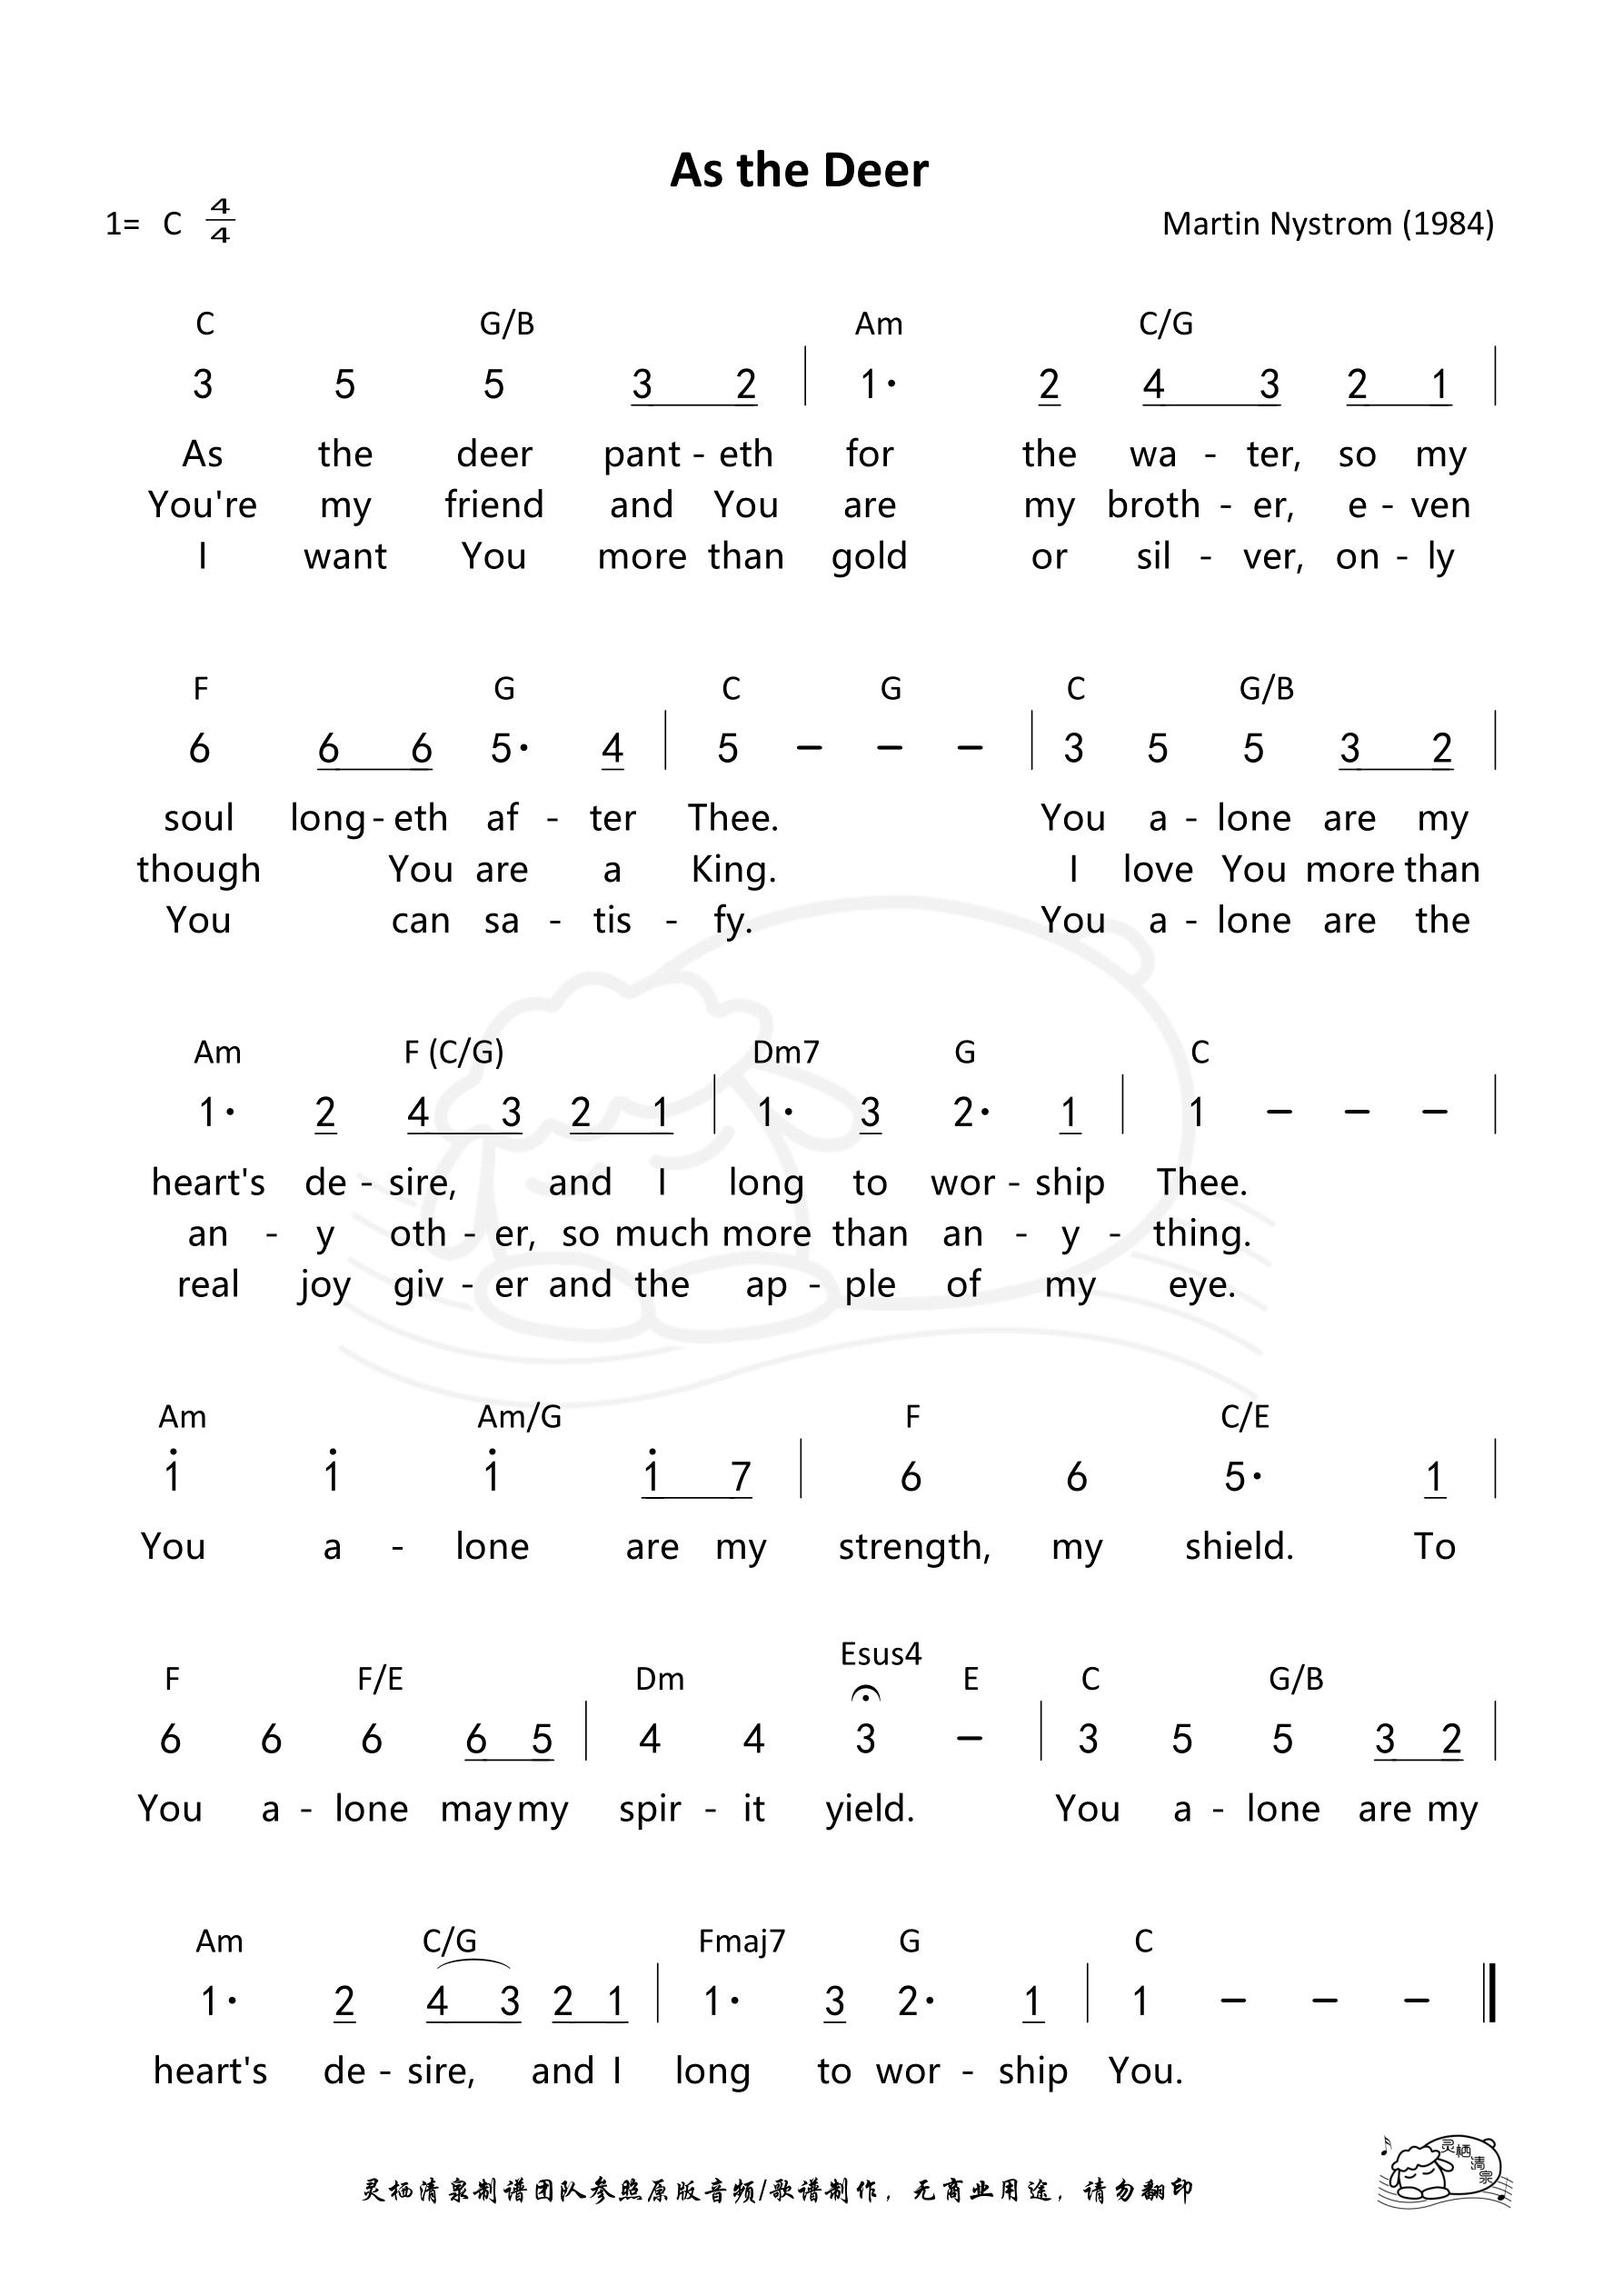 《第132首 - As the Deer 和弦简谱》